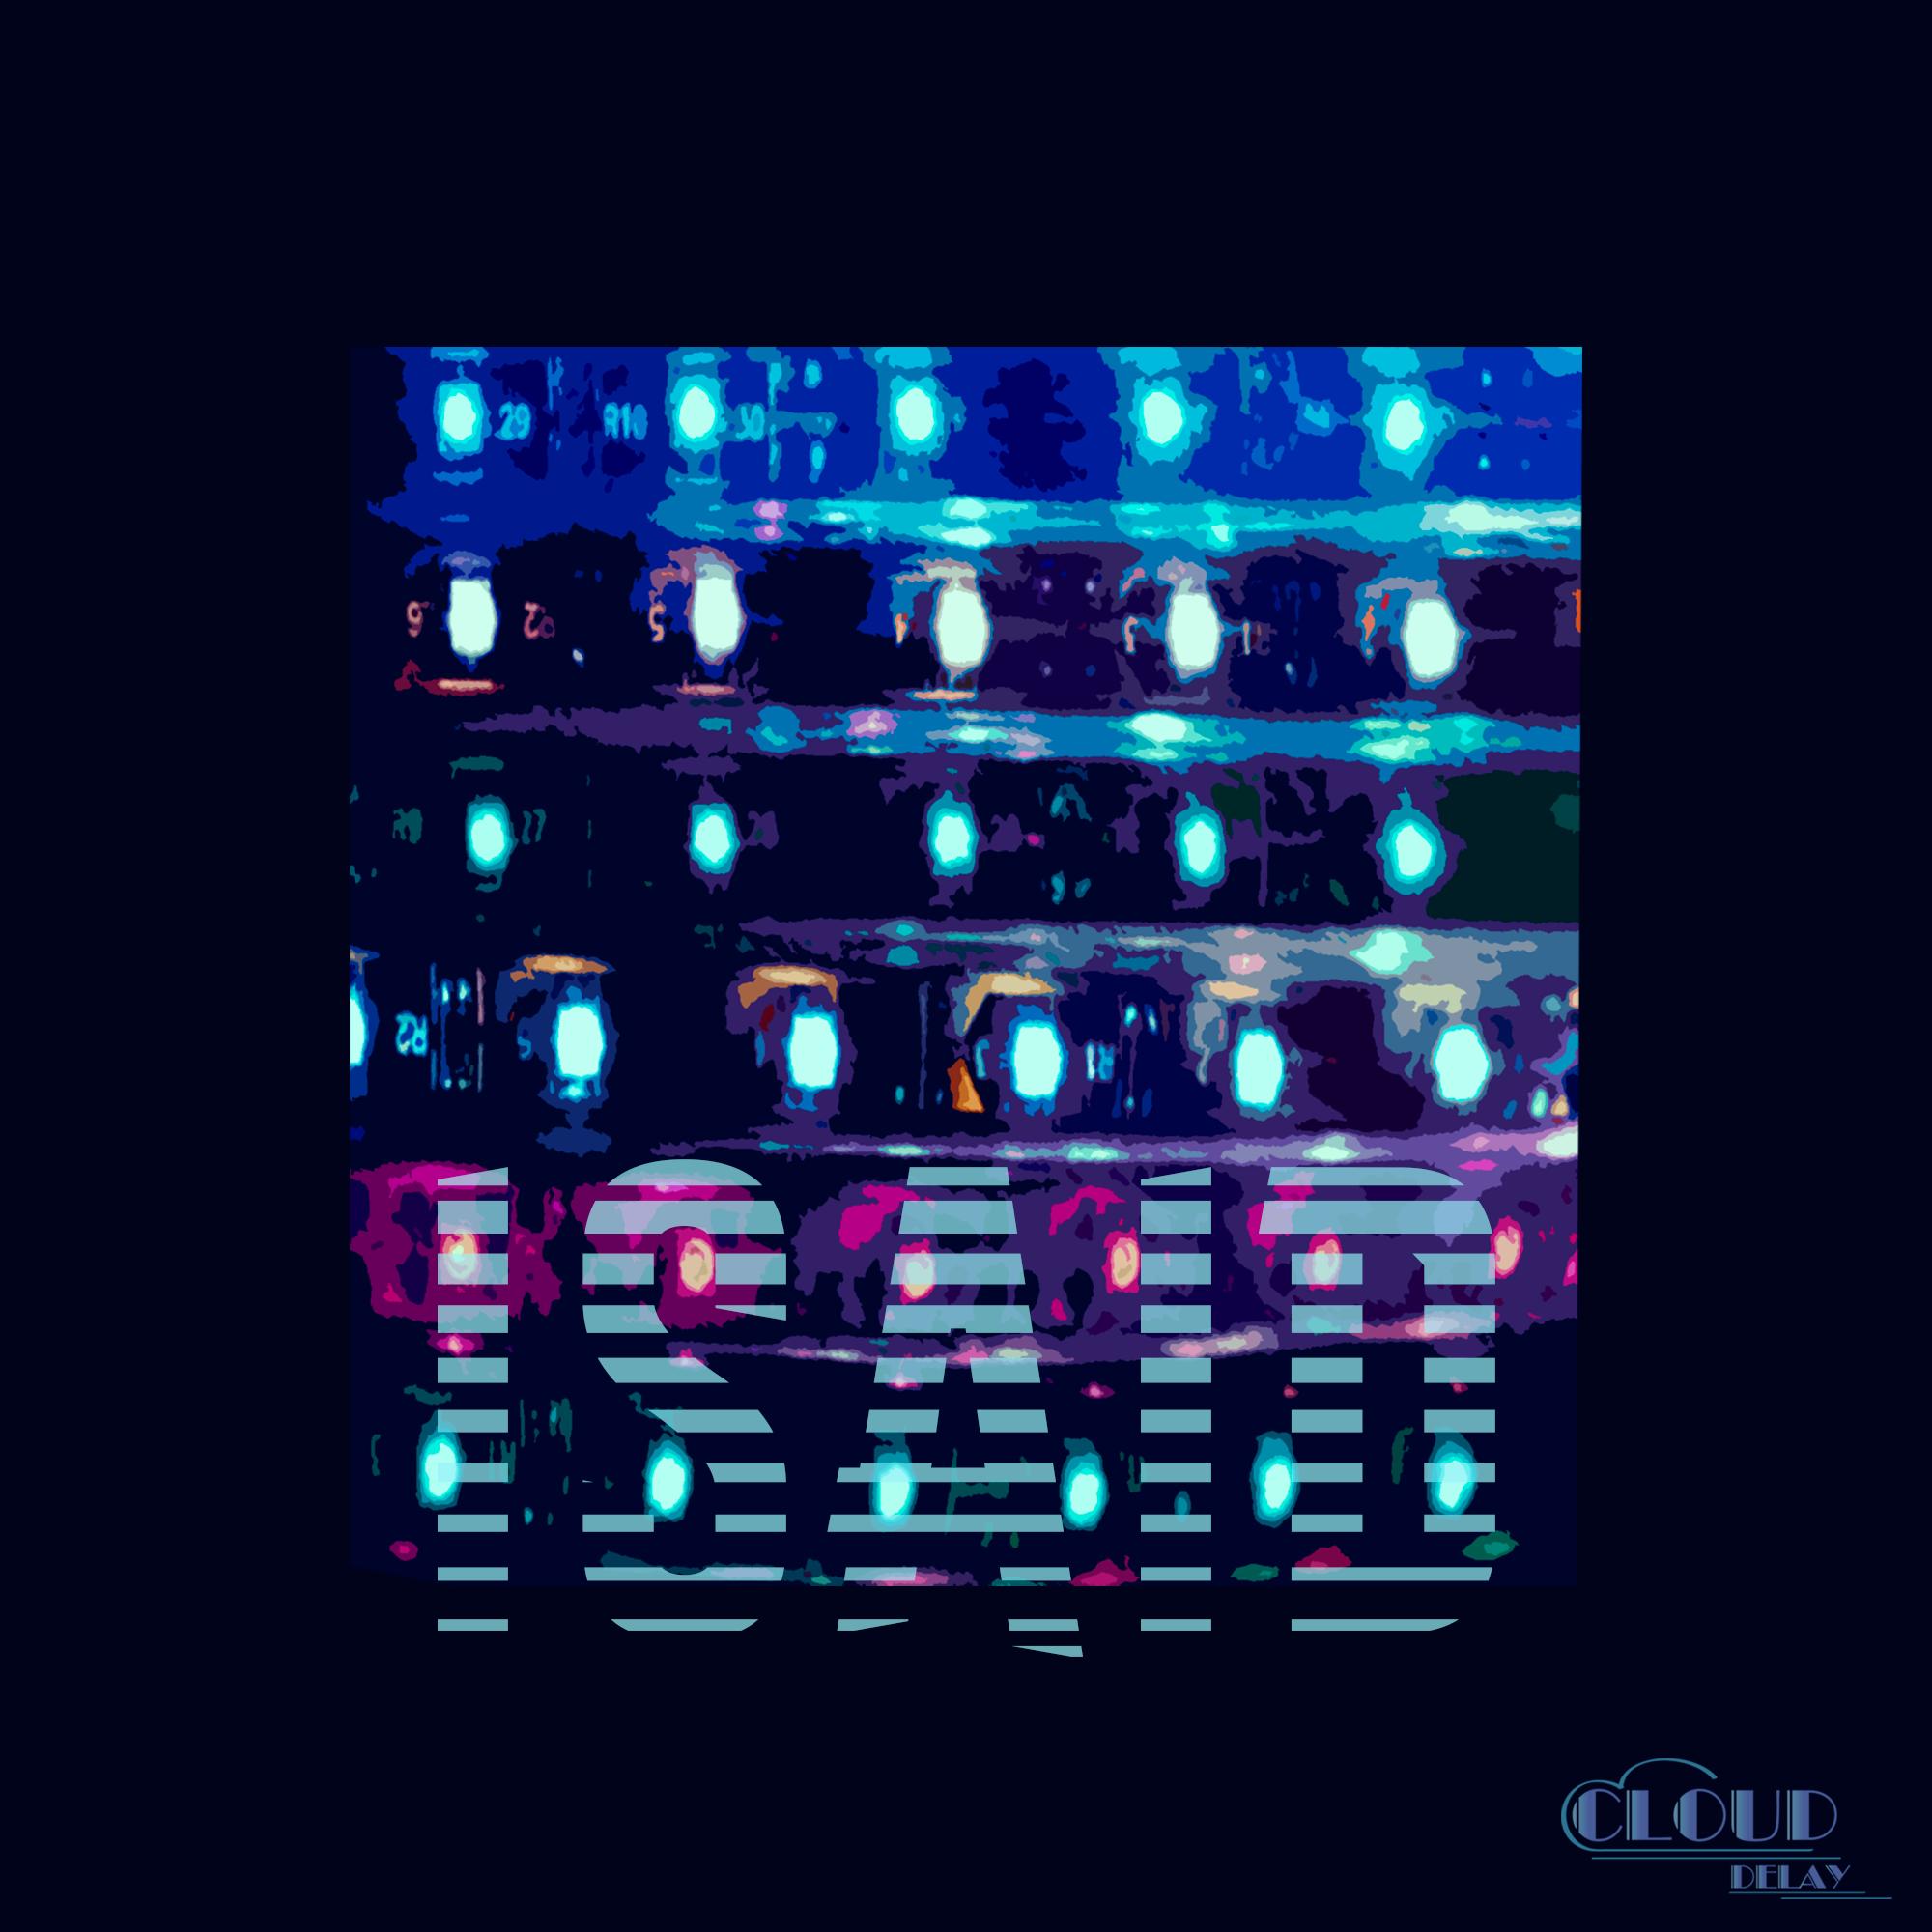 Логотип музыкального проекта и обложка сингла фото f_2605b6ddea37f29a.png